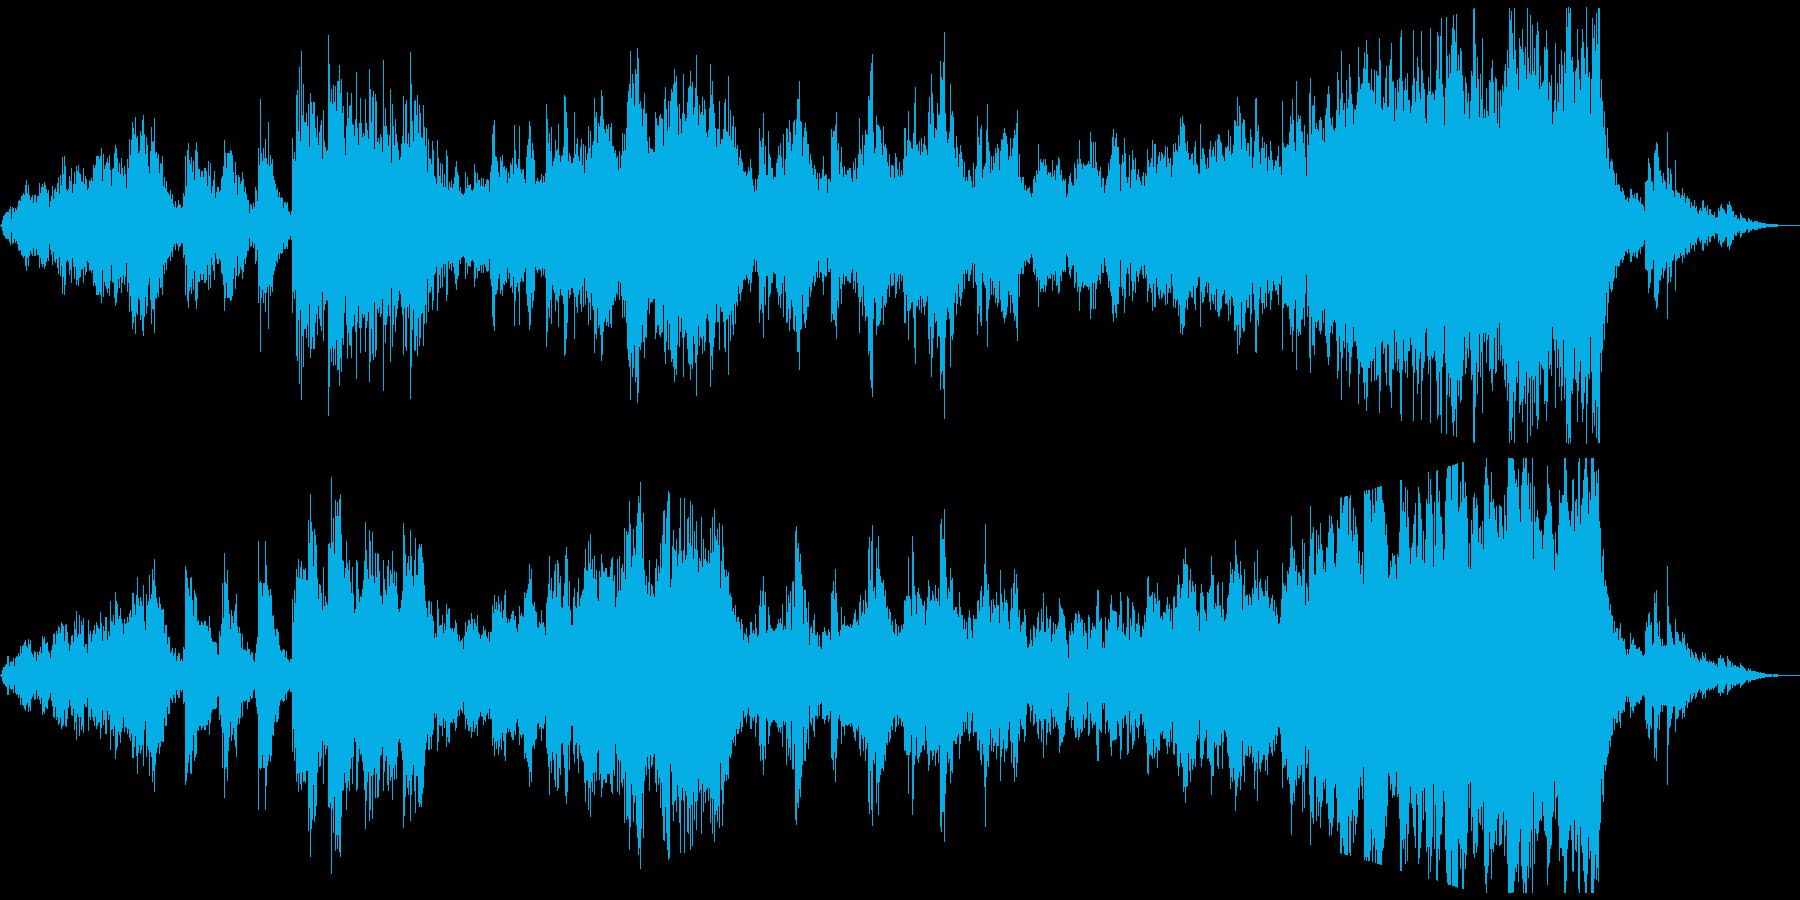 情緒的で切ないリズミックなアンビエント曲の再生済みの波形